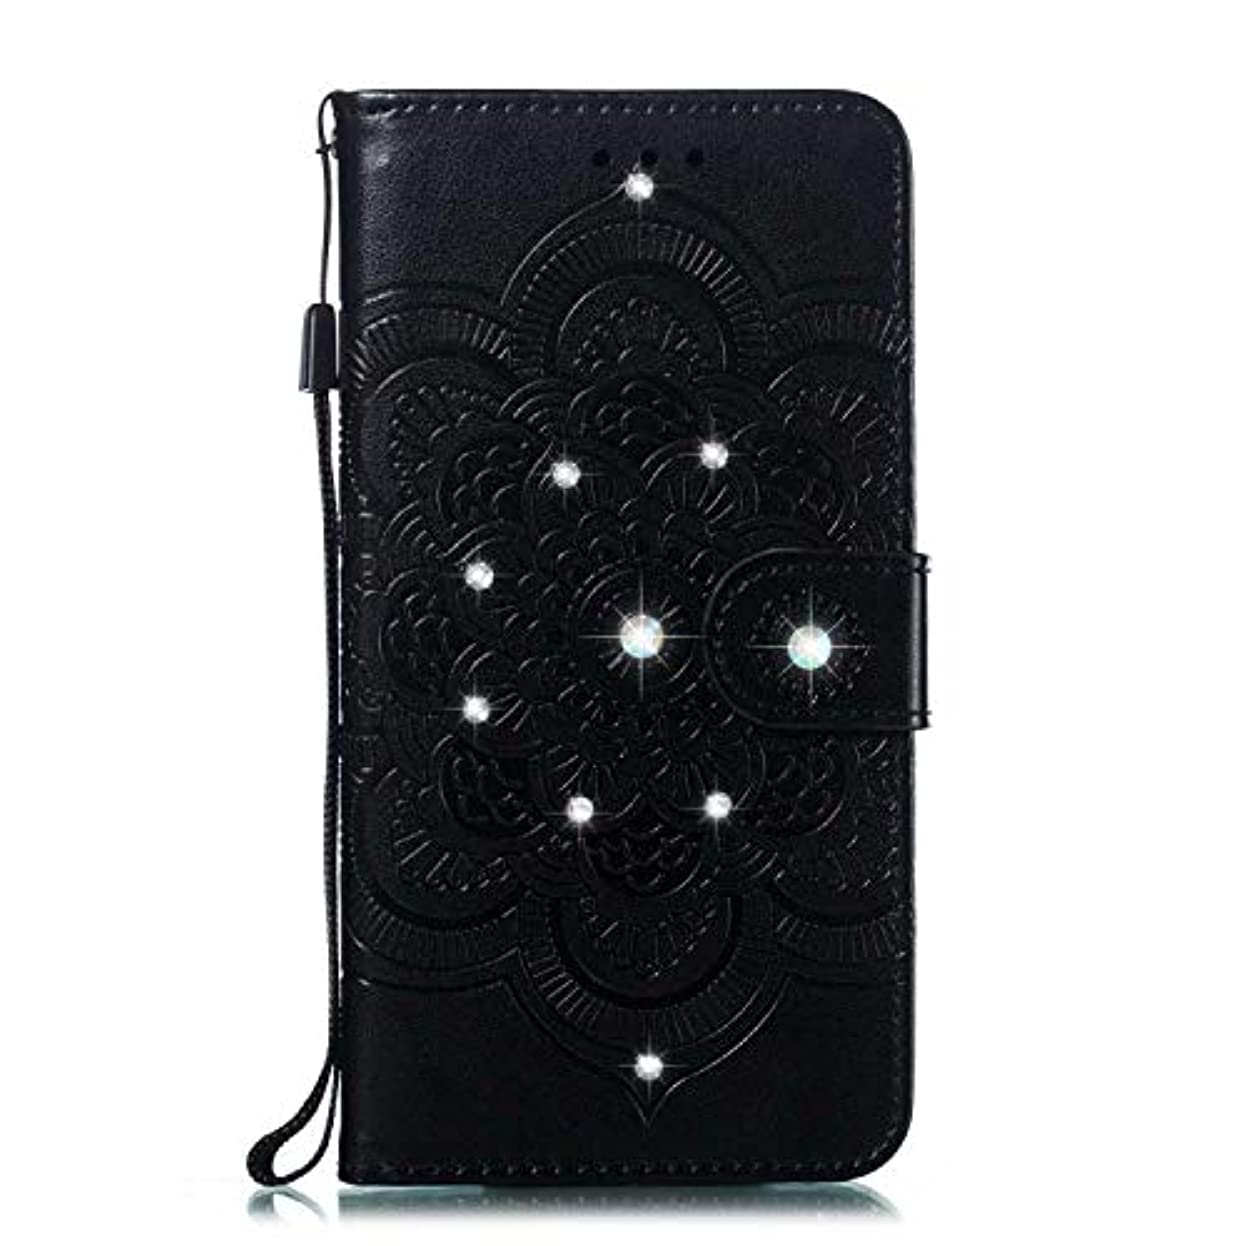 放射能化合物賛美歌CUNUS 高品質 合皮レザー ケース Huawei Honor 10 用, 防塵 ケース, 軽量 スタンド機能 耐汚れ カード収納 カバー, ブラック